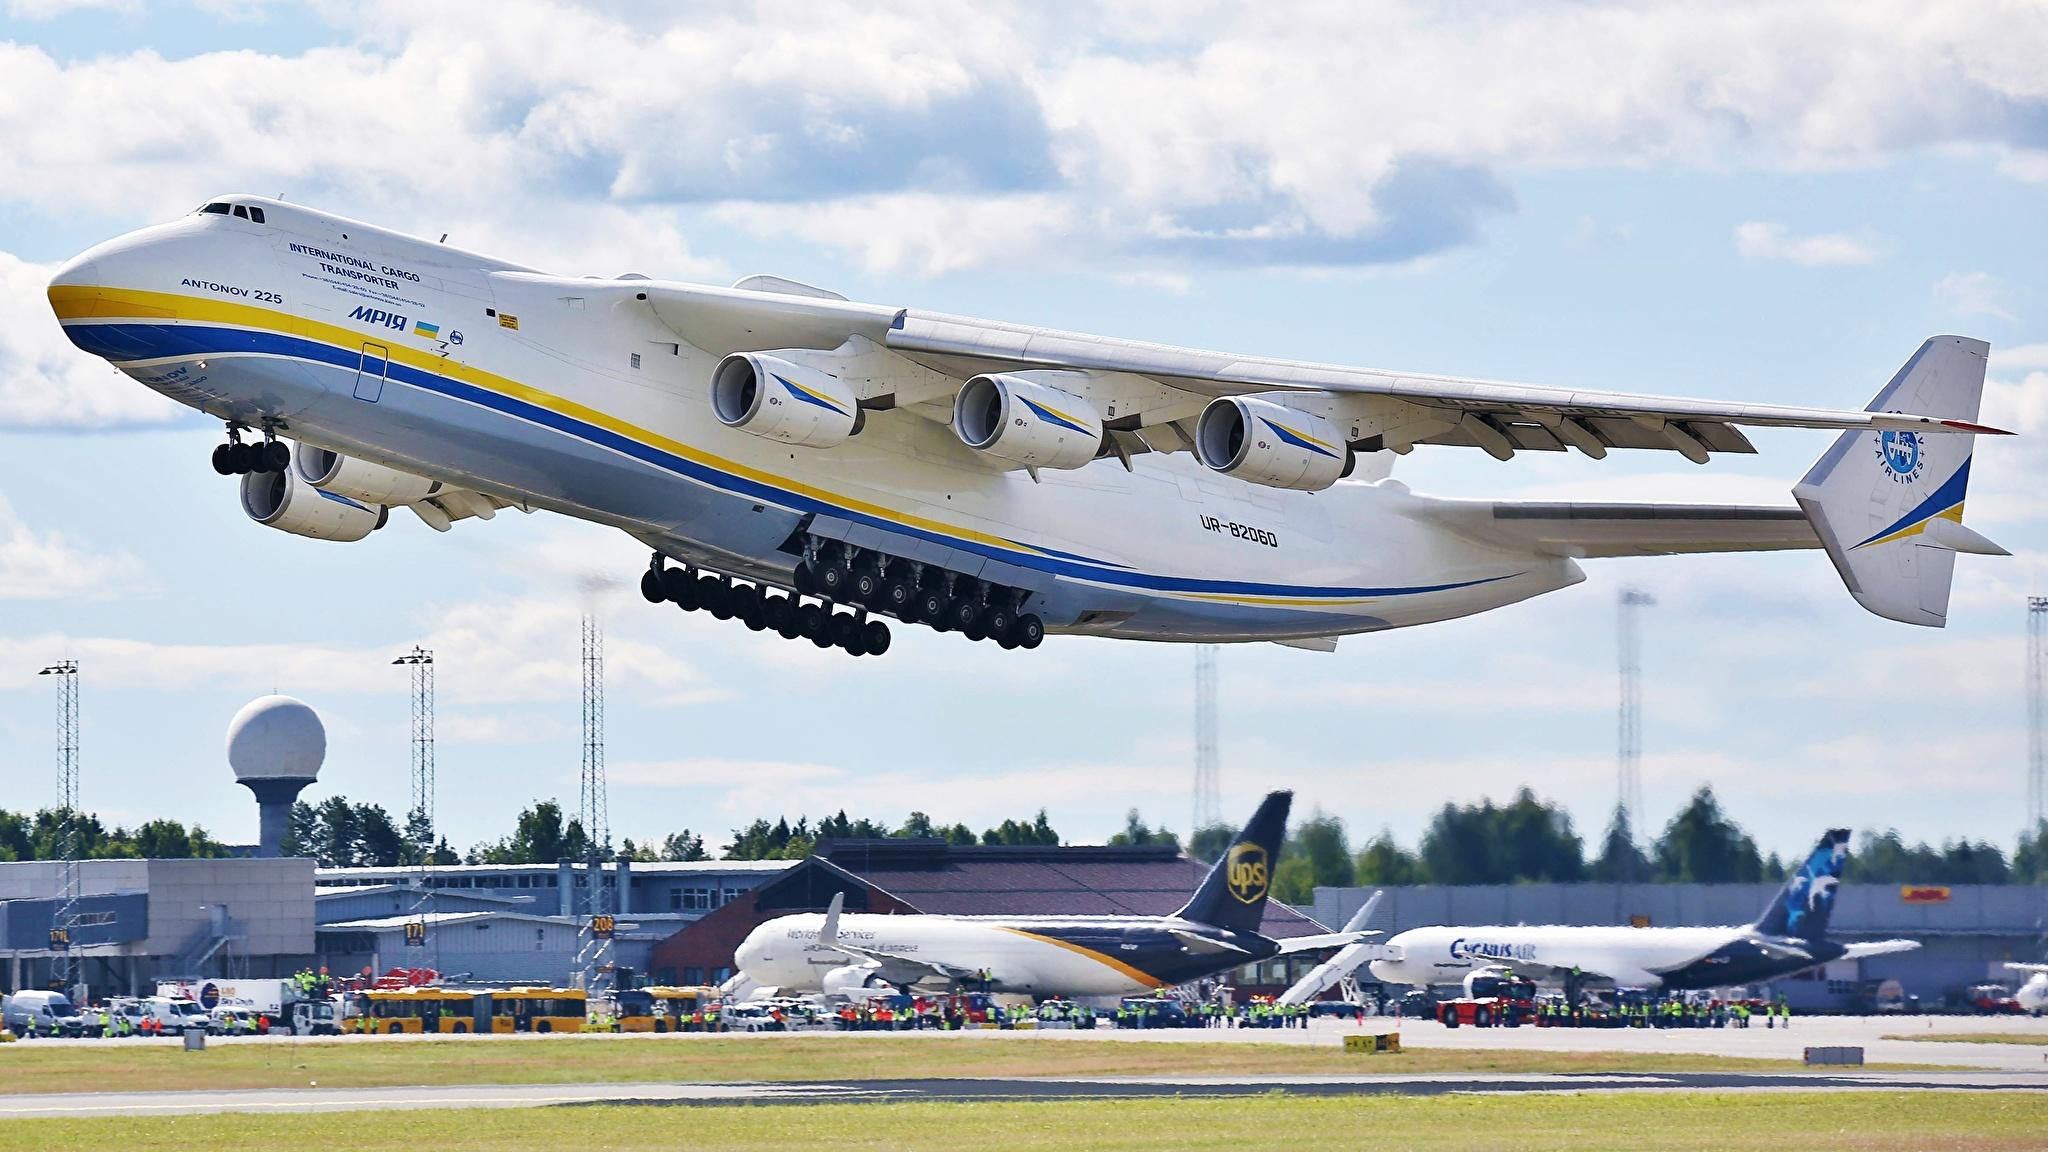 Bilder von Flugzeuge Transportflugzeuge Start Luftfahrt Russische An-225 Mriya Luftfahrt 2048x1152